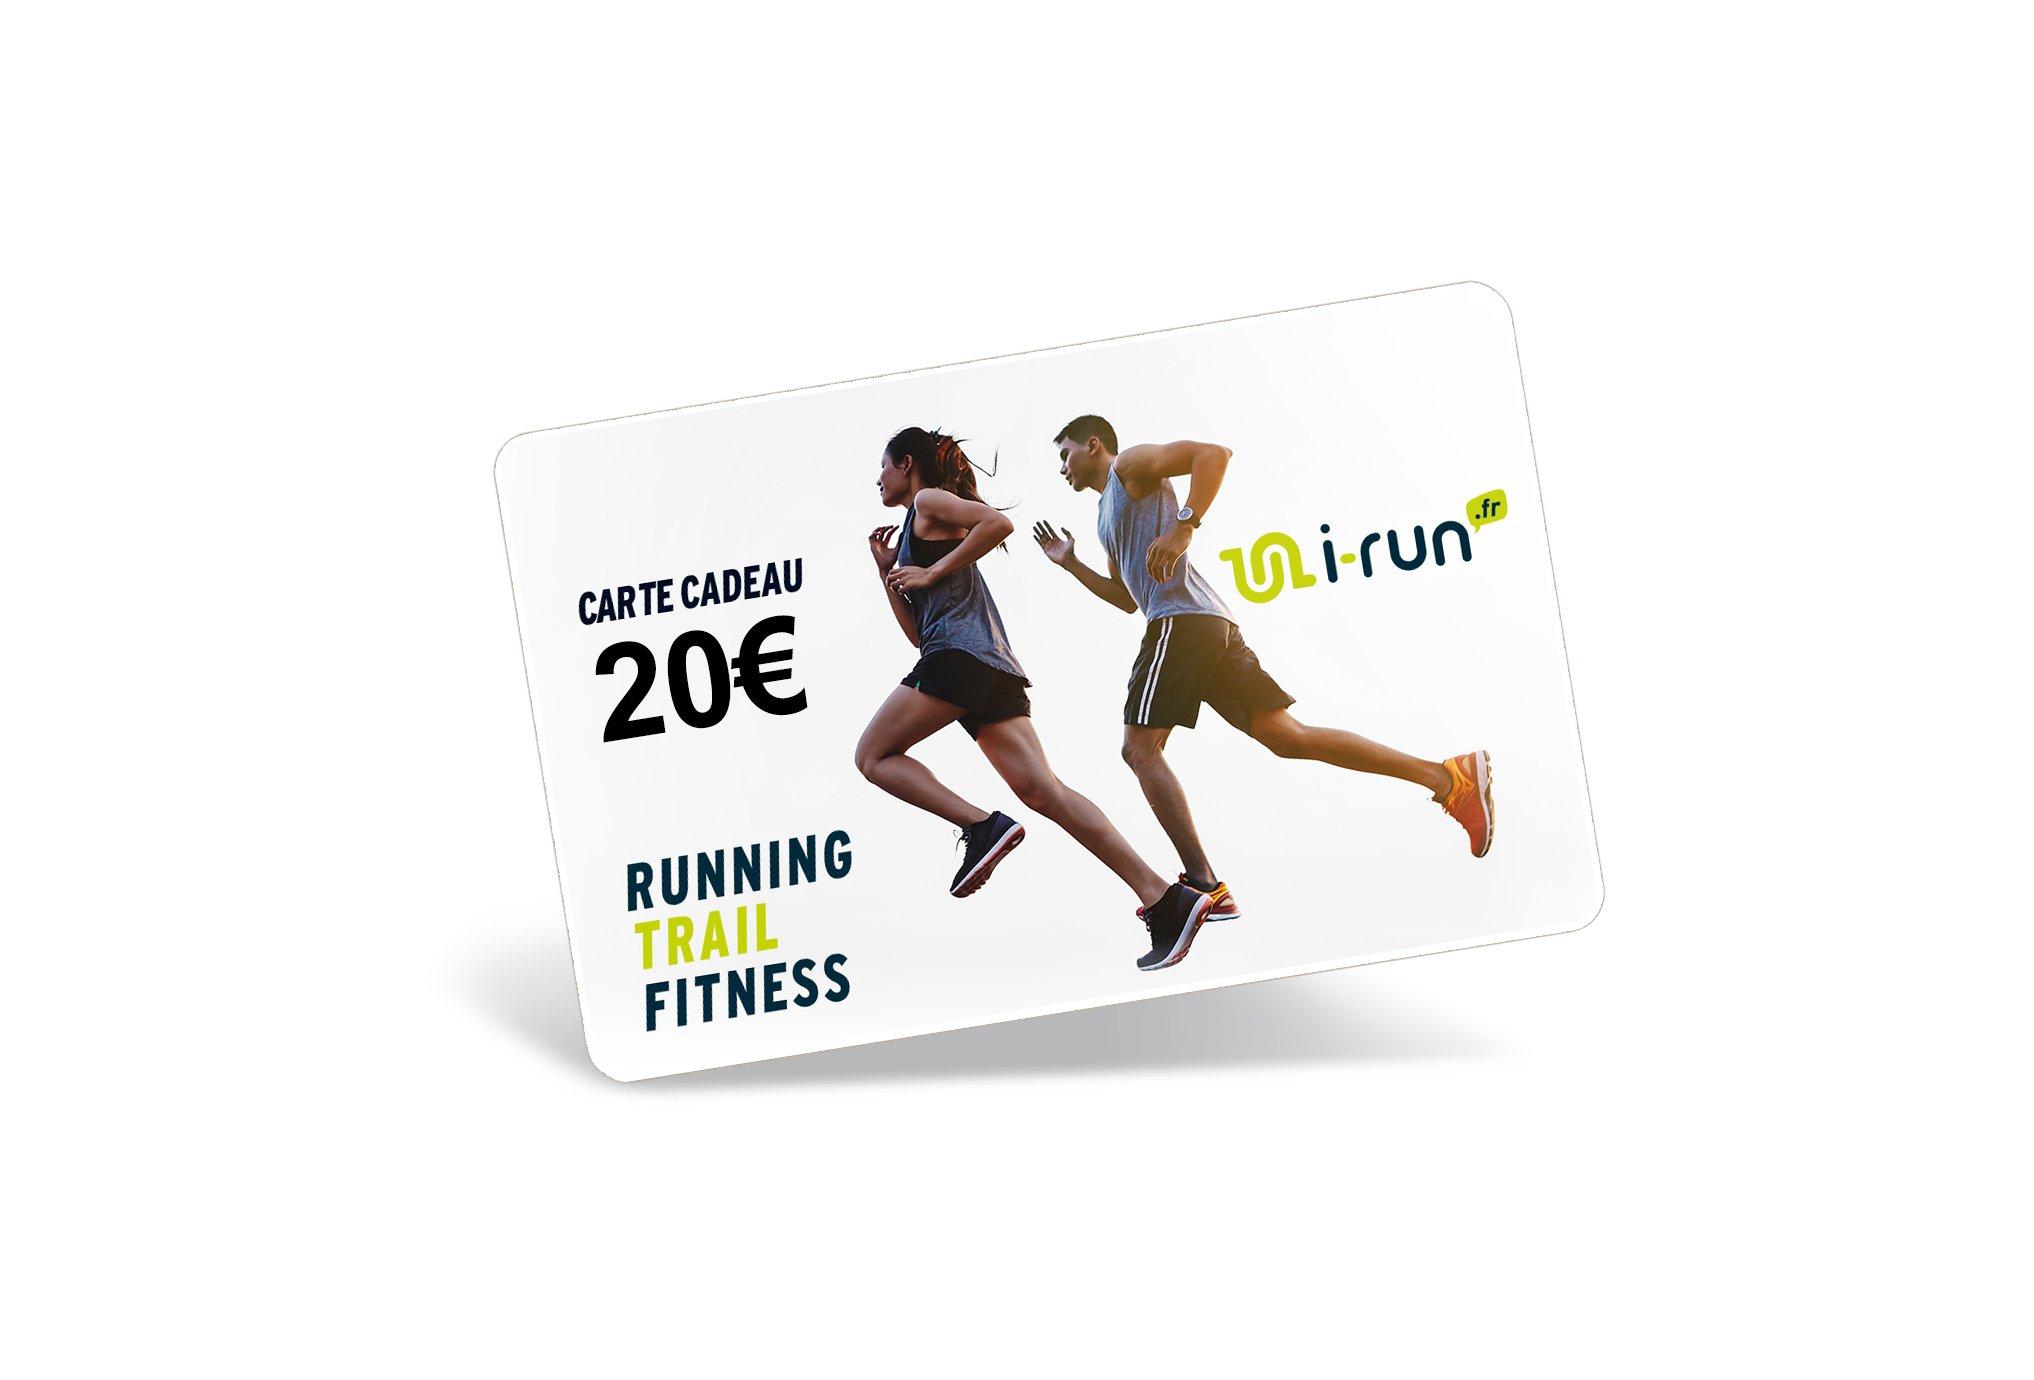 i-run.fr Carte Cadeau 20 Cartes Cadeau